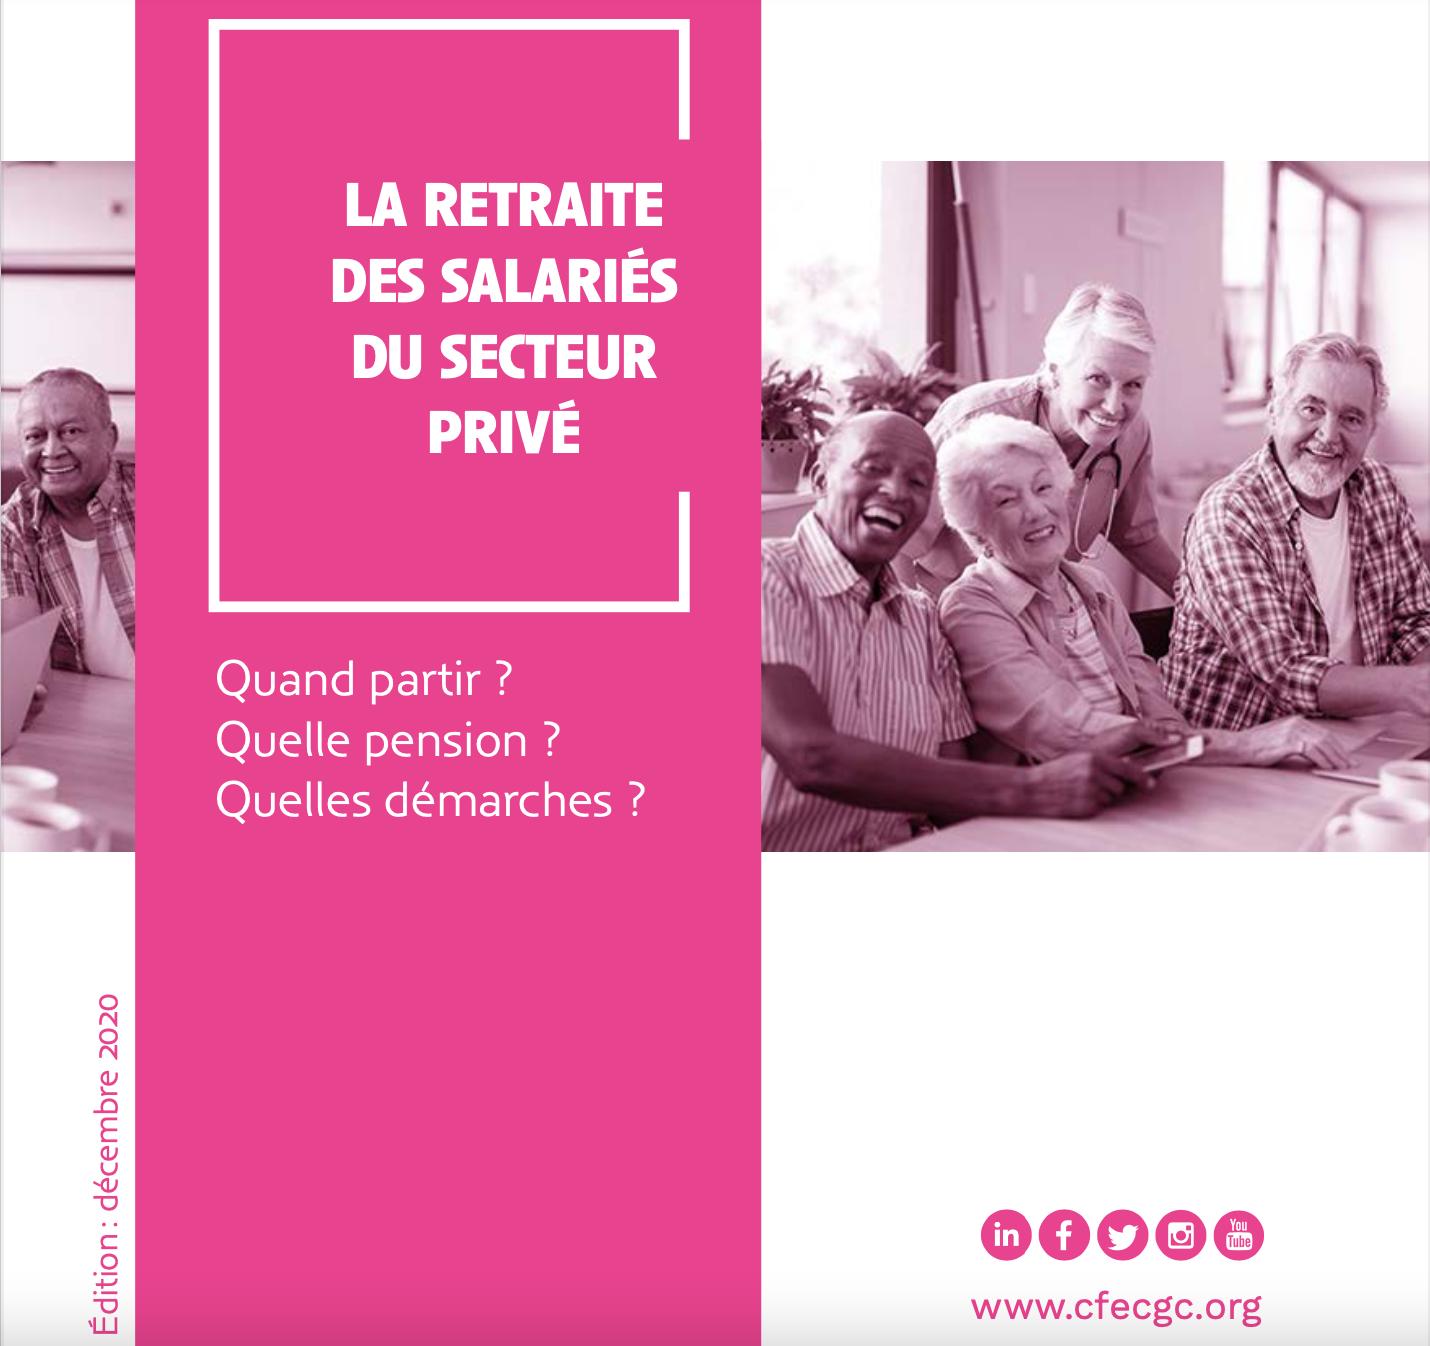 Tout savoir sur la retraite des salariés du secteur privé